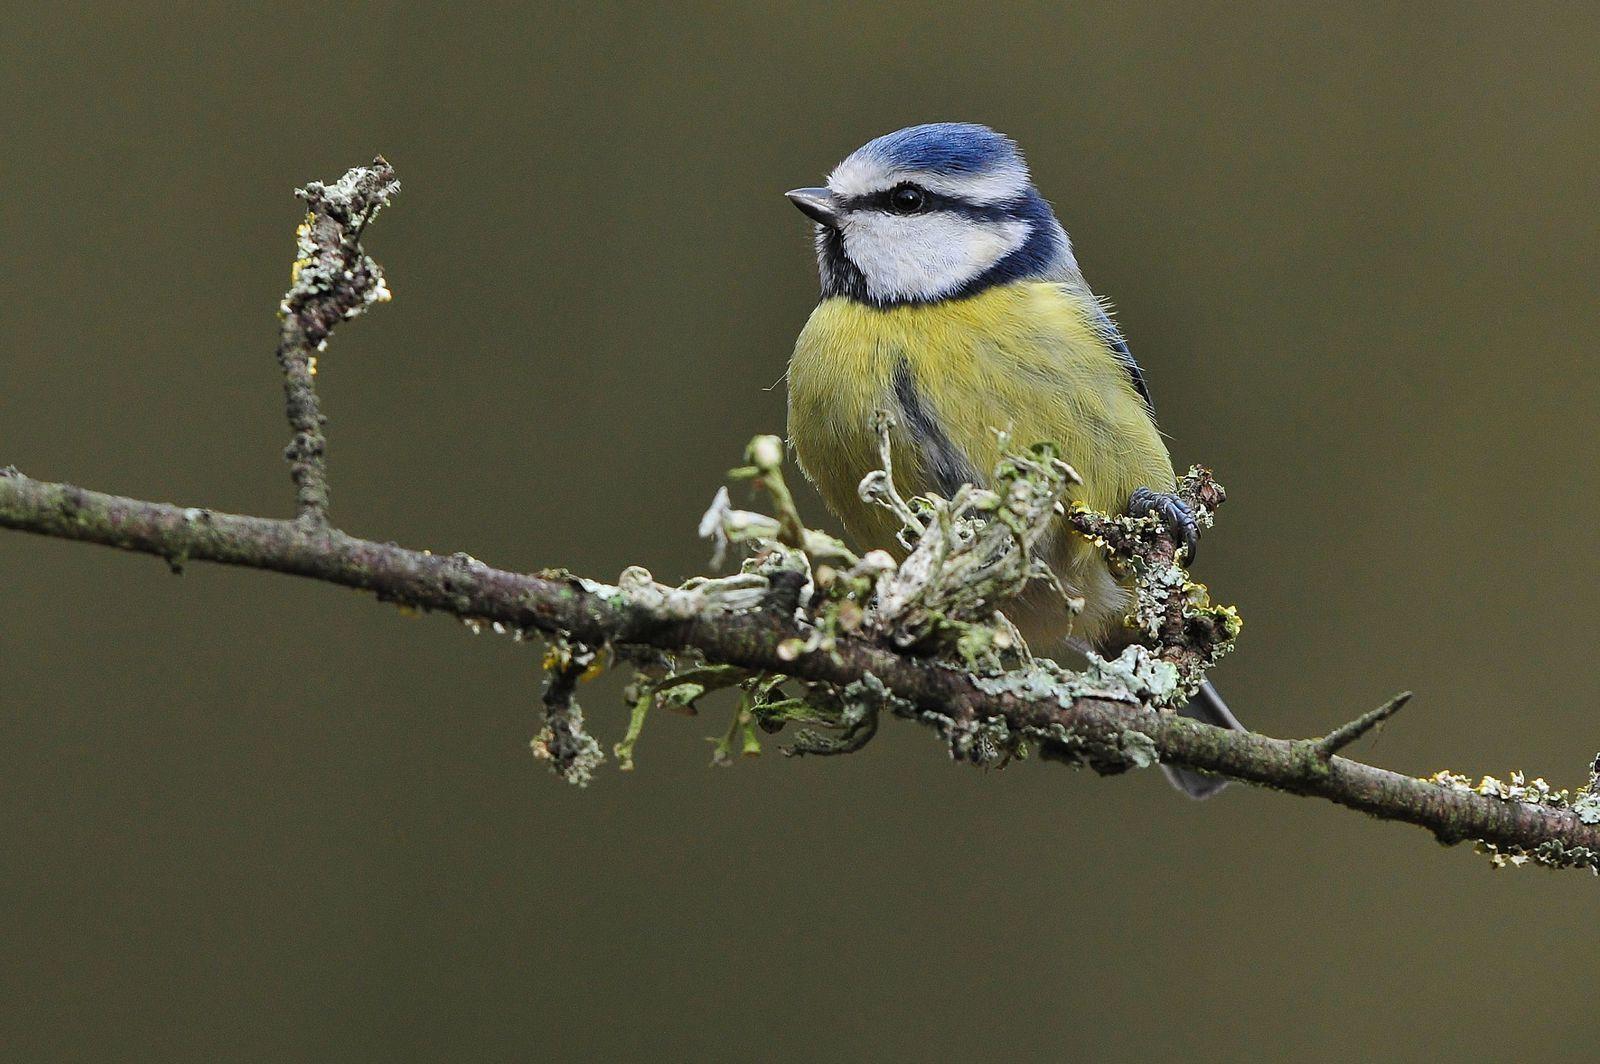 Mésange charbonnière, mésange bleue, mésange nonnette, mésange à longue queue, pinson des arbre (mâle), canard colvert.